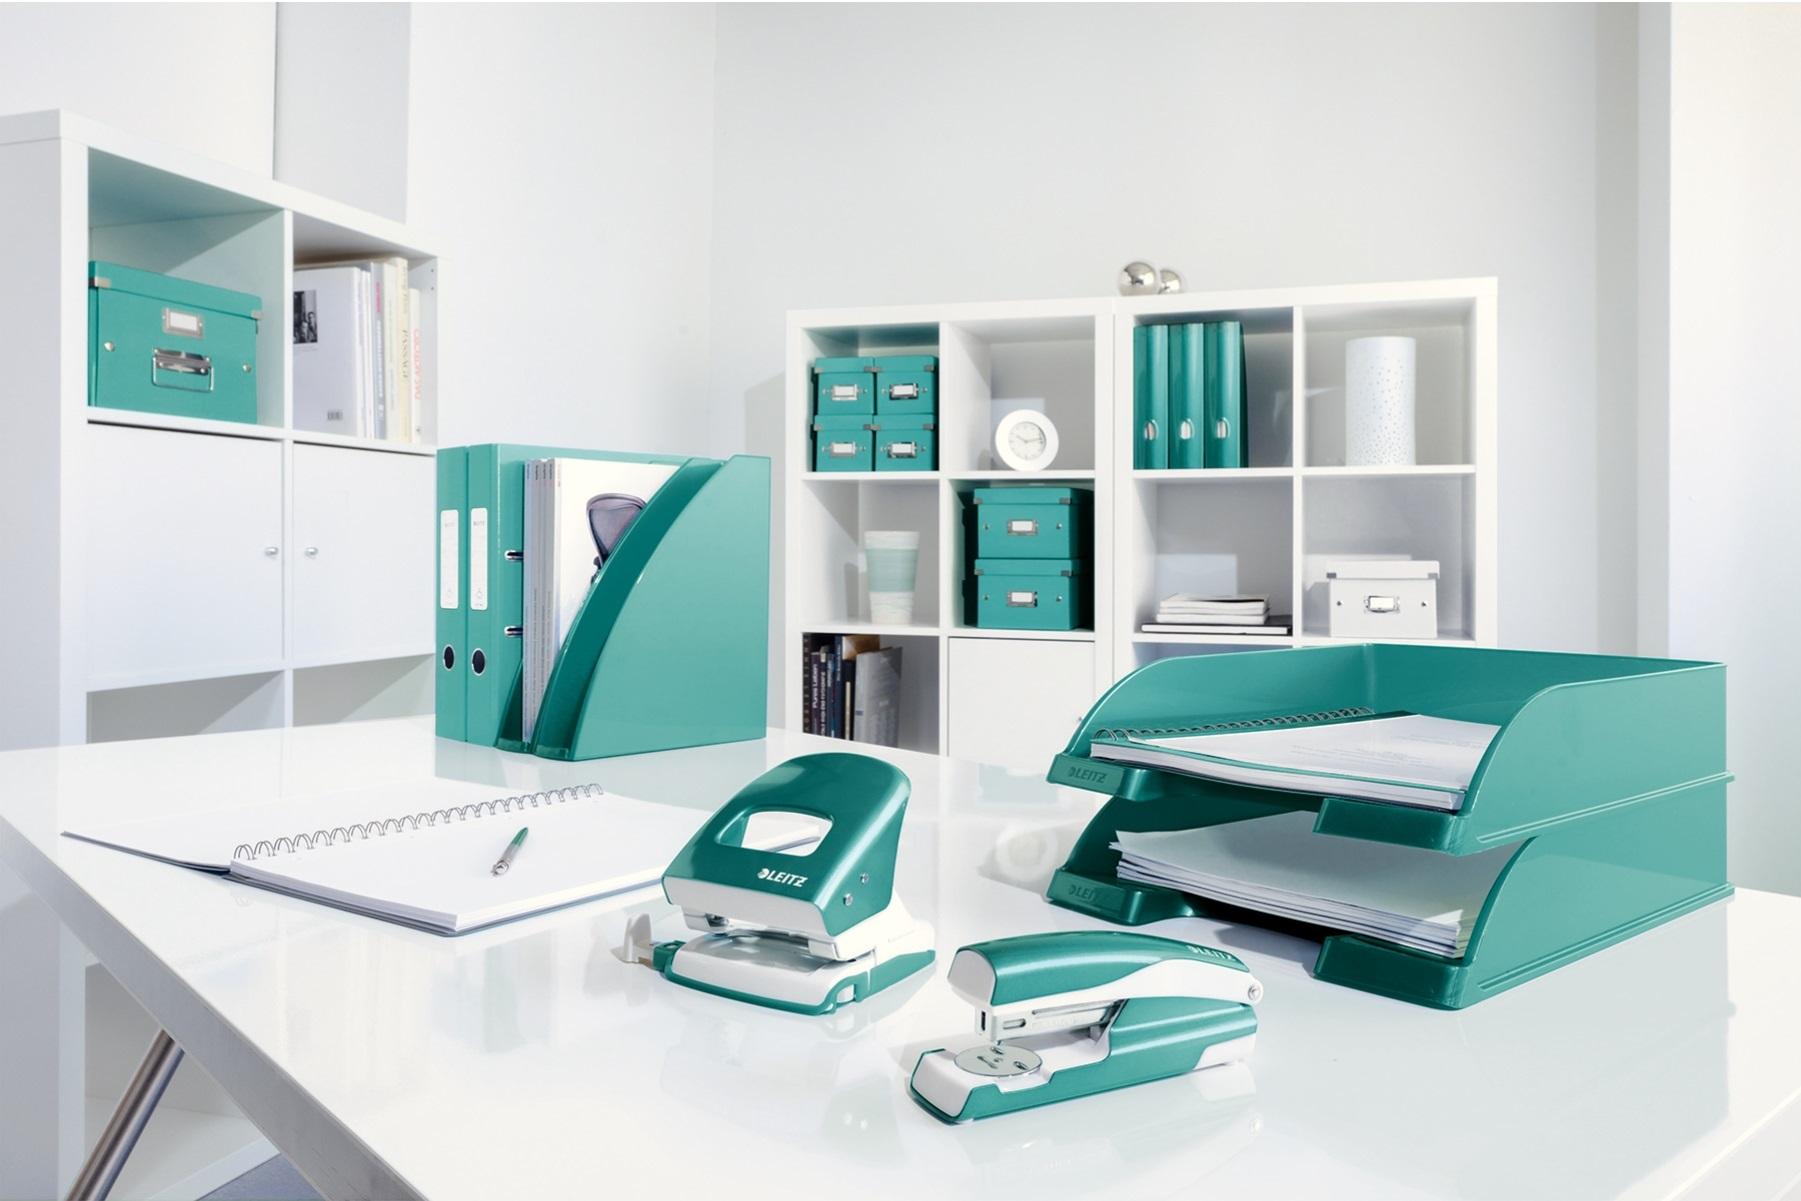 Descriere Capsator metalic de birou, pentru maxim 30 coli, capse 24/6, turcoaz metalizat, LEITZ 5502 NeXXt Series